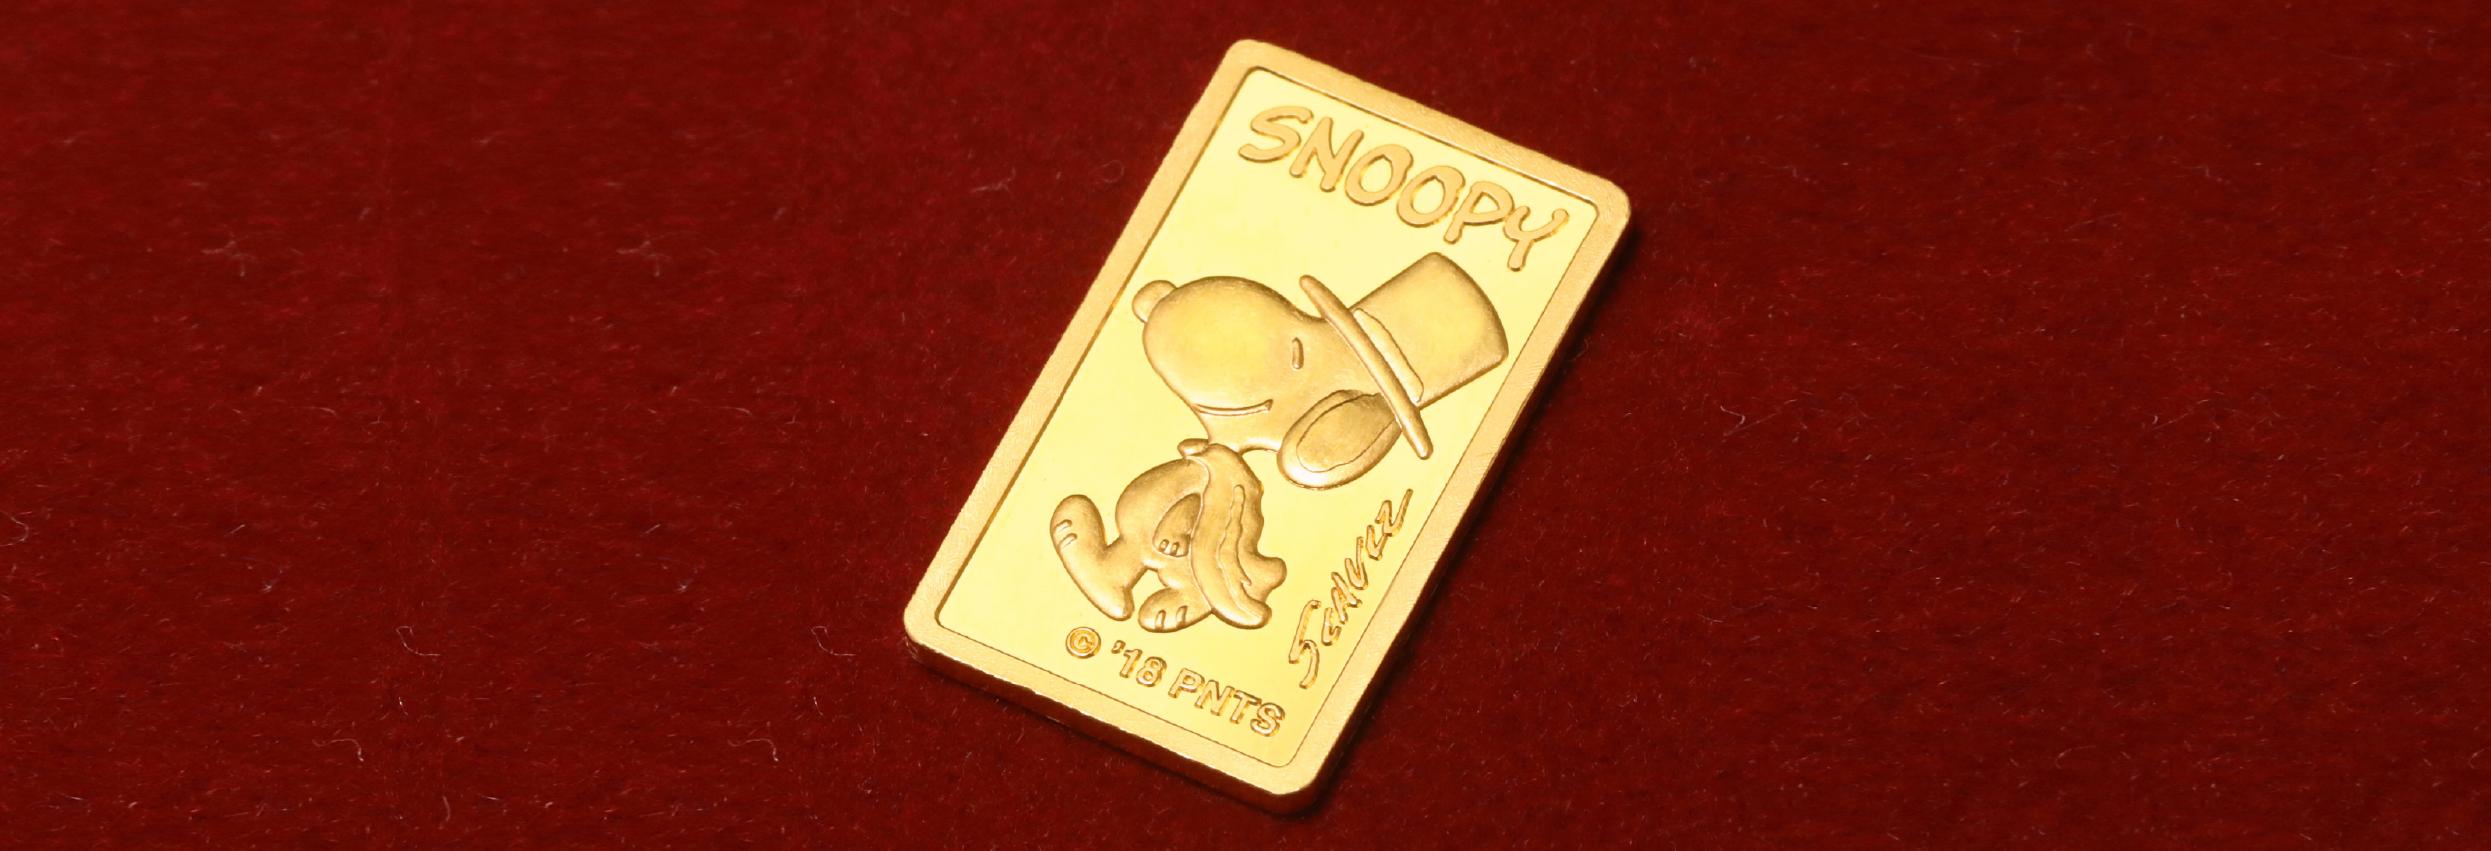 スヌーピーの純金インゴットが登場